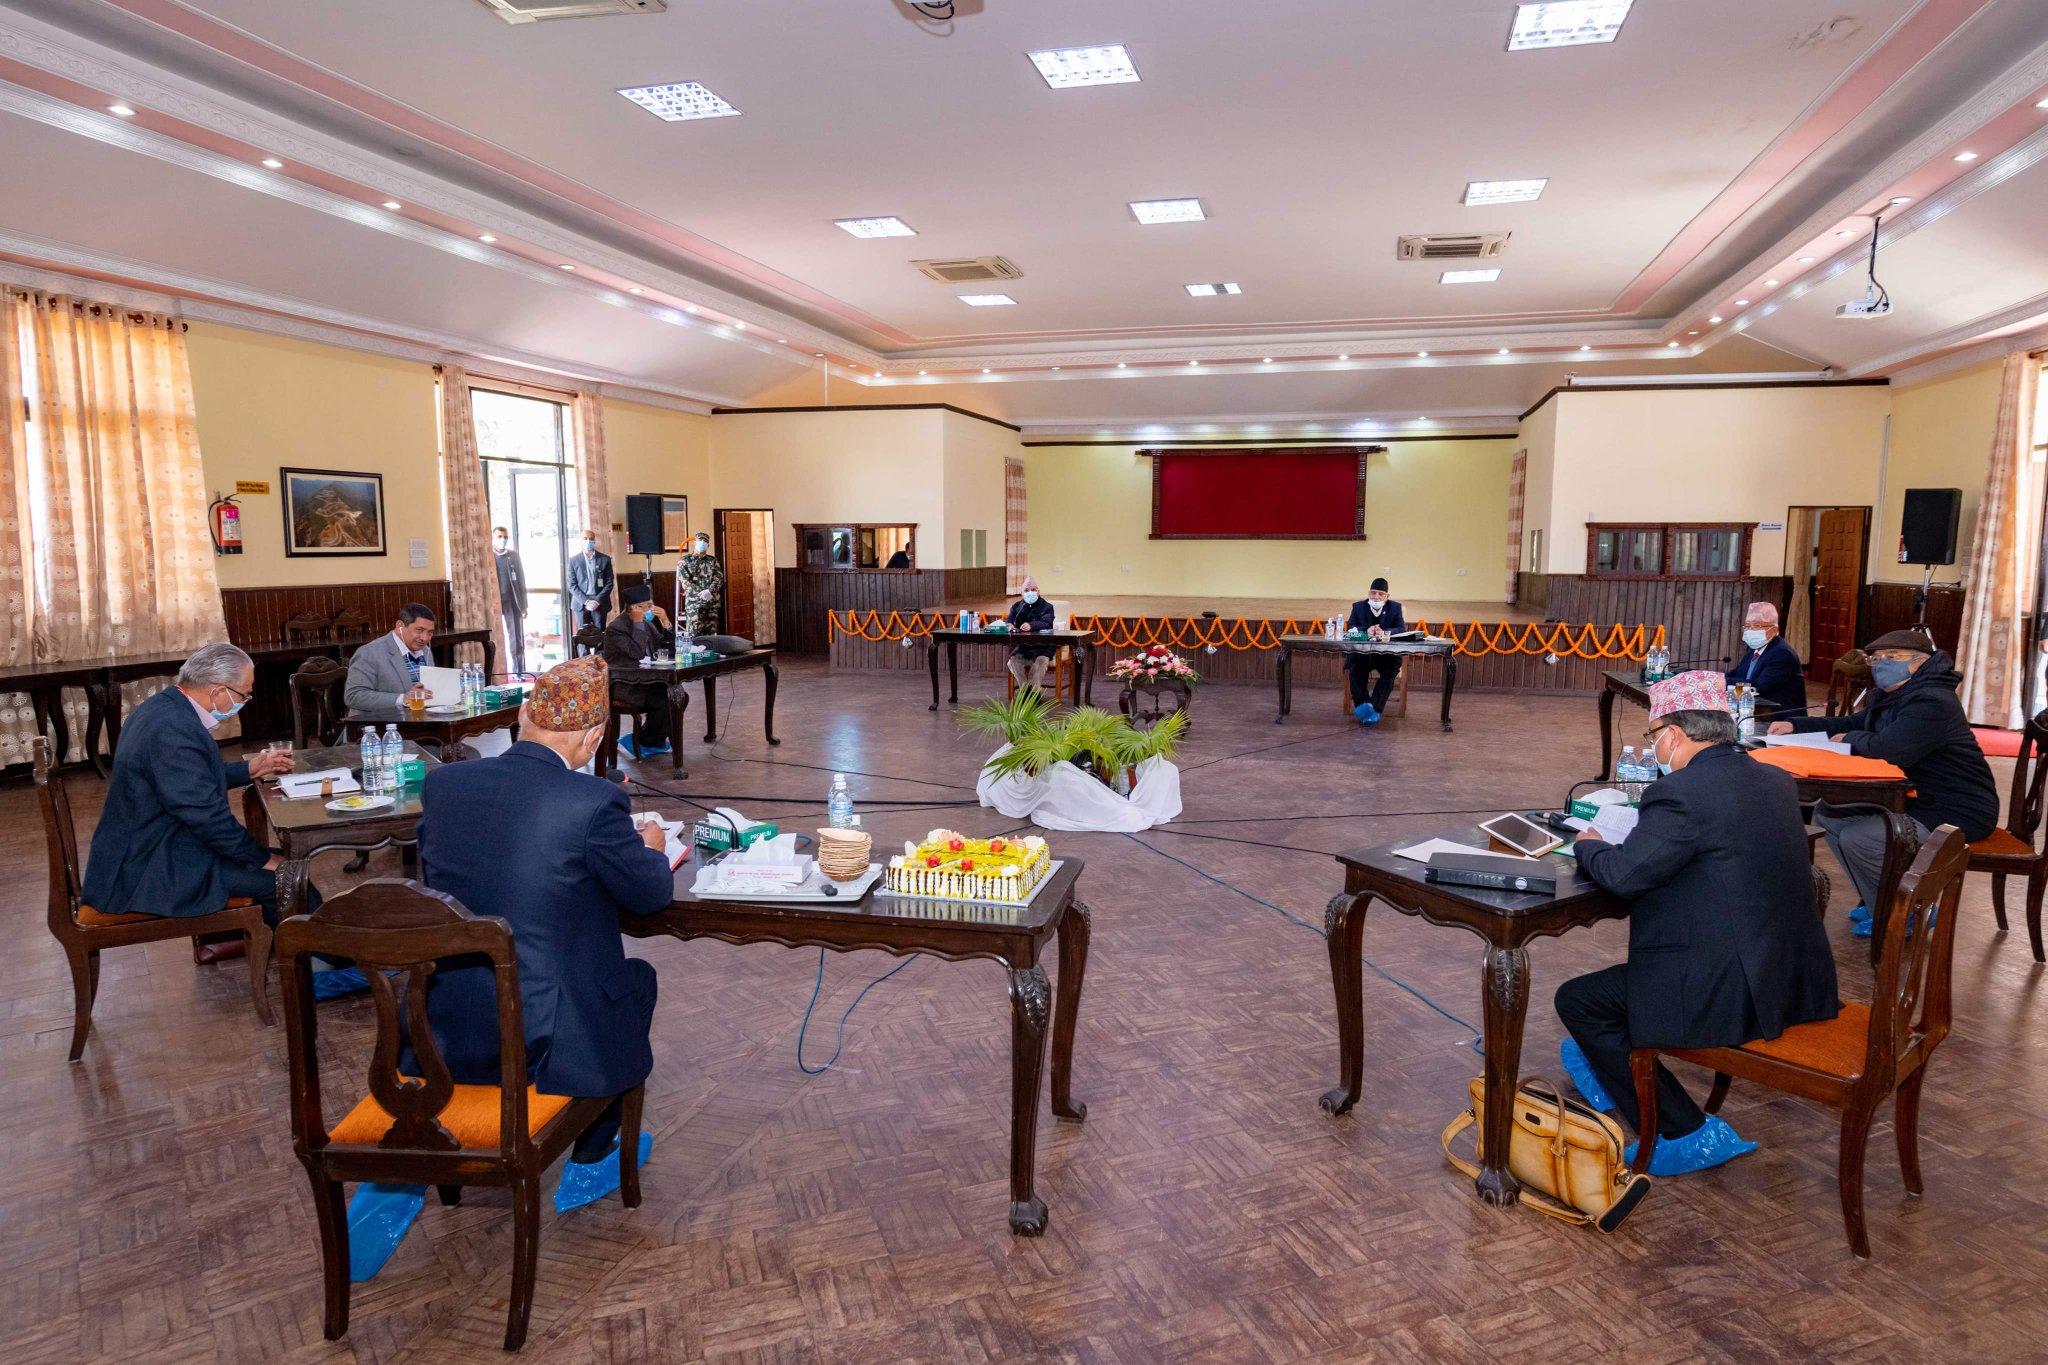 नेकपाका दुवै अध्यक्षका प्रस्तावमाथि छलफल सुरु : बैठक बुधबार पुनः बस्ने